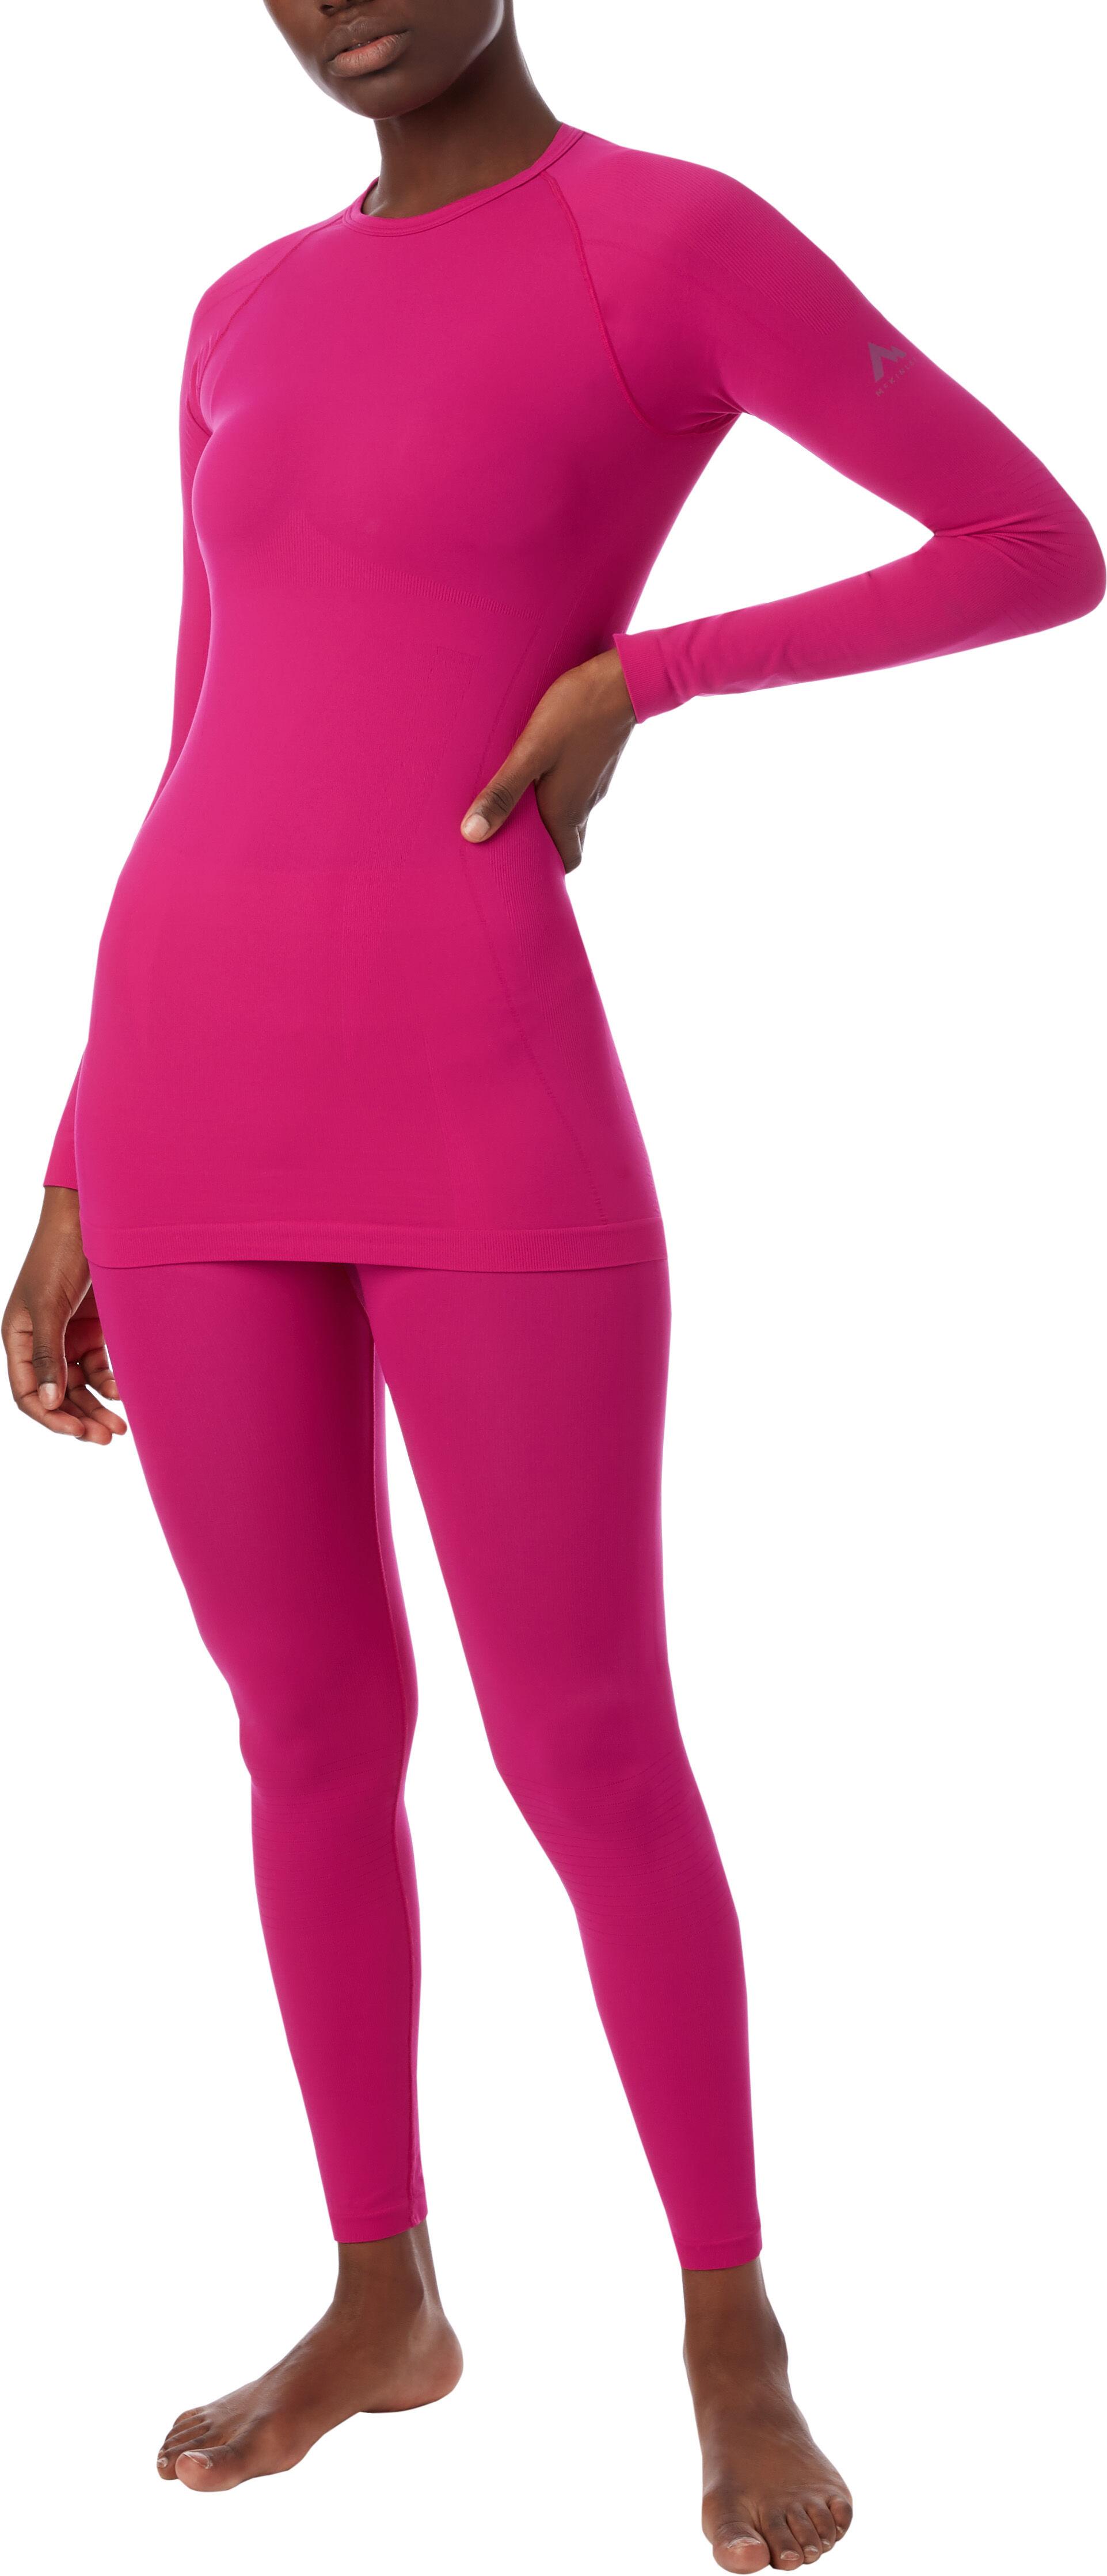 Langlaufbekleidung online kaufen | Jetzt bei INTERSPORT